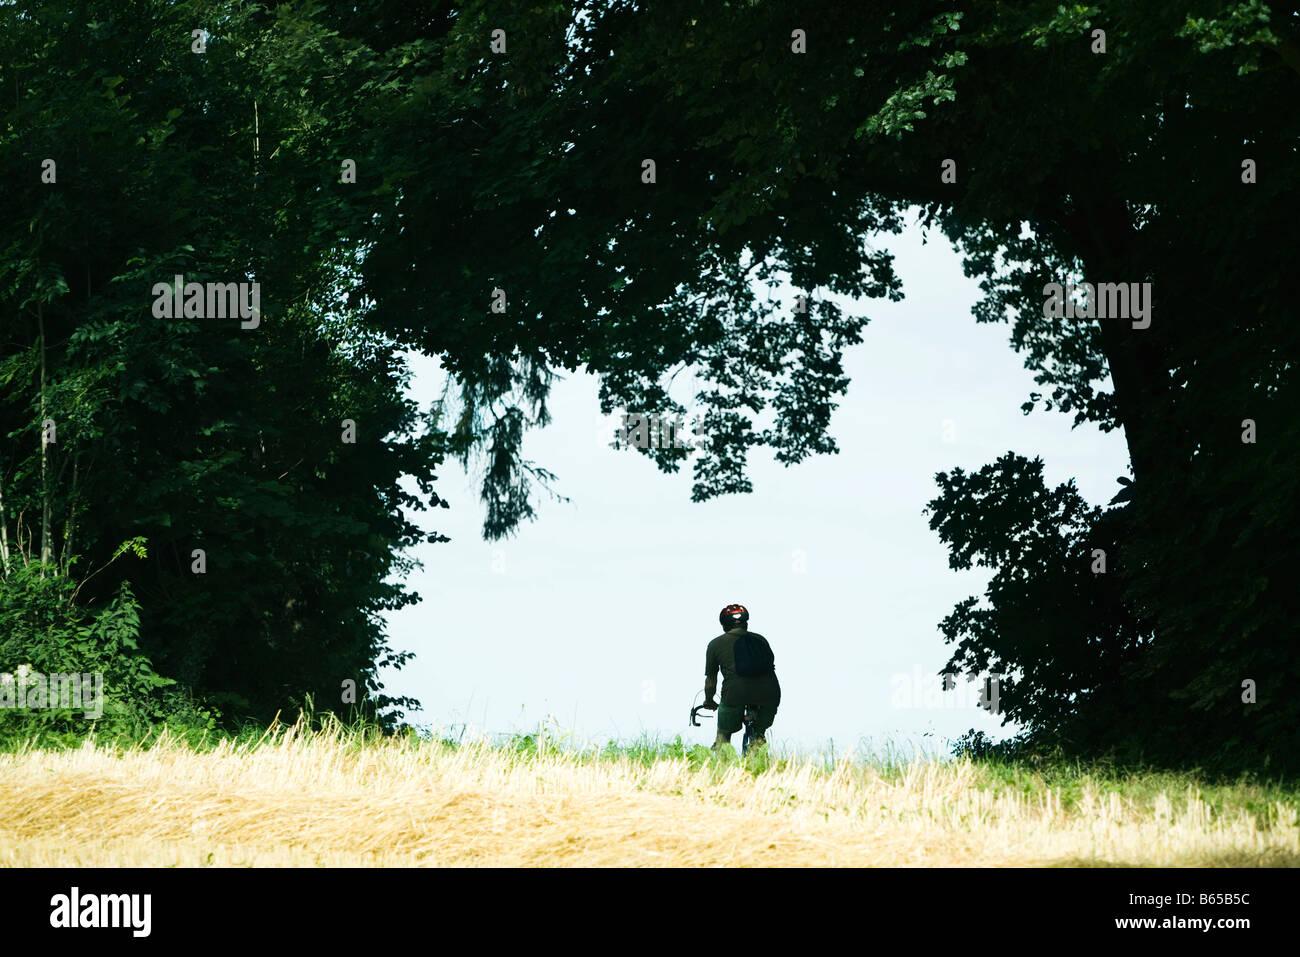 Ciclista pedalando attraverso tree archway Immagini Stock